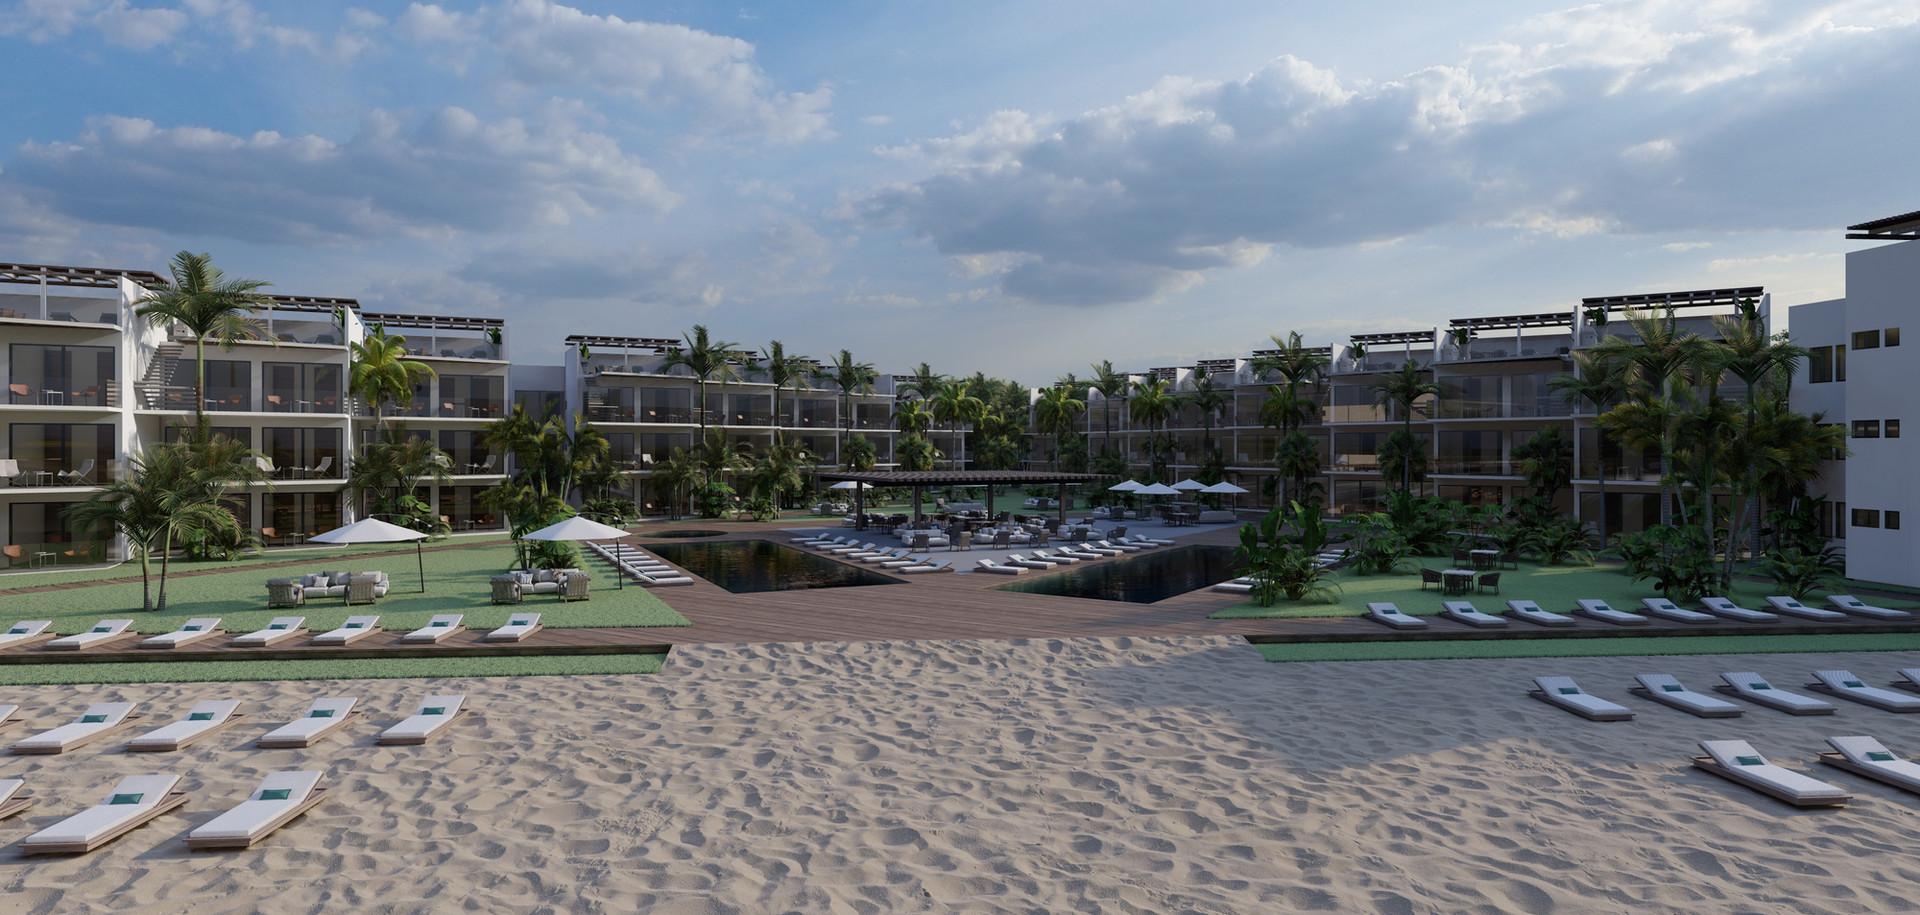 UR-CC Villas Exteriors Render 6.jpg